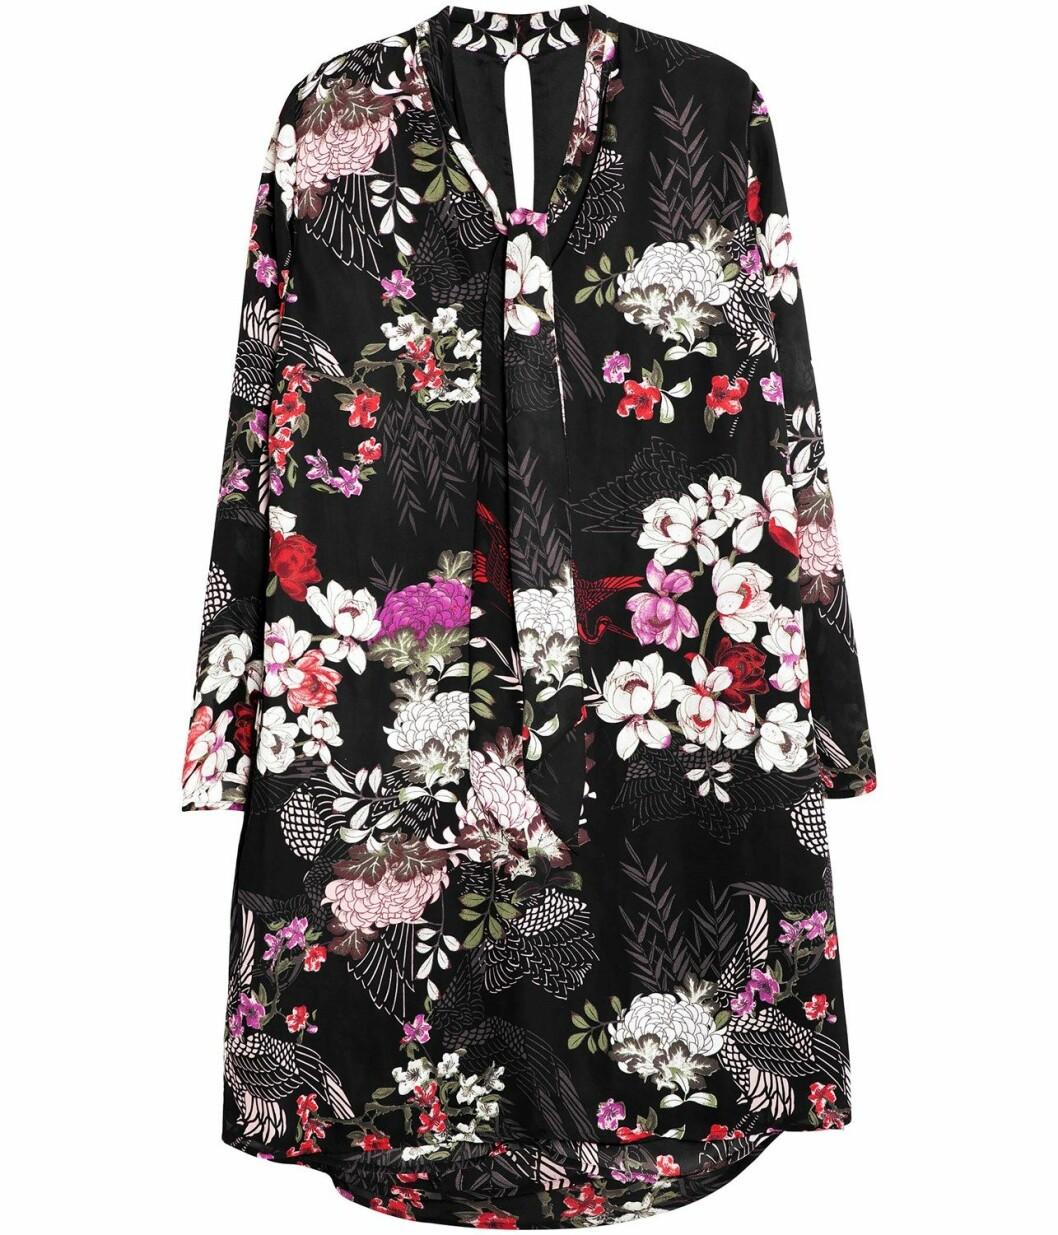 blommig-klänning-kappahl